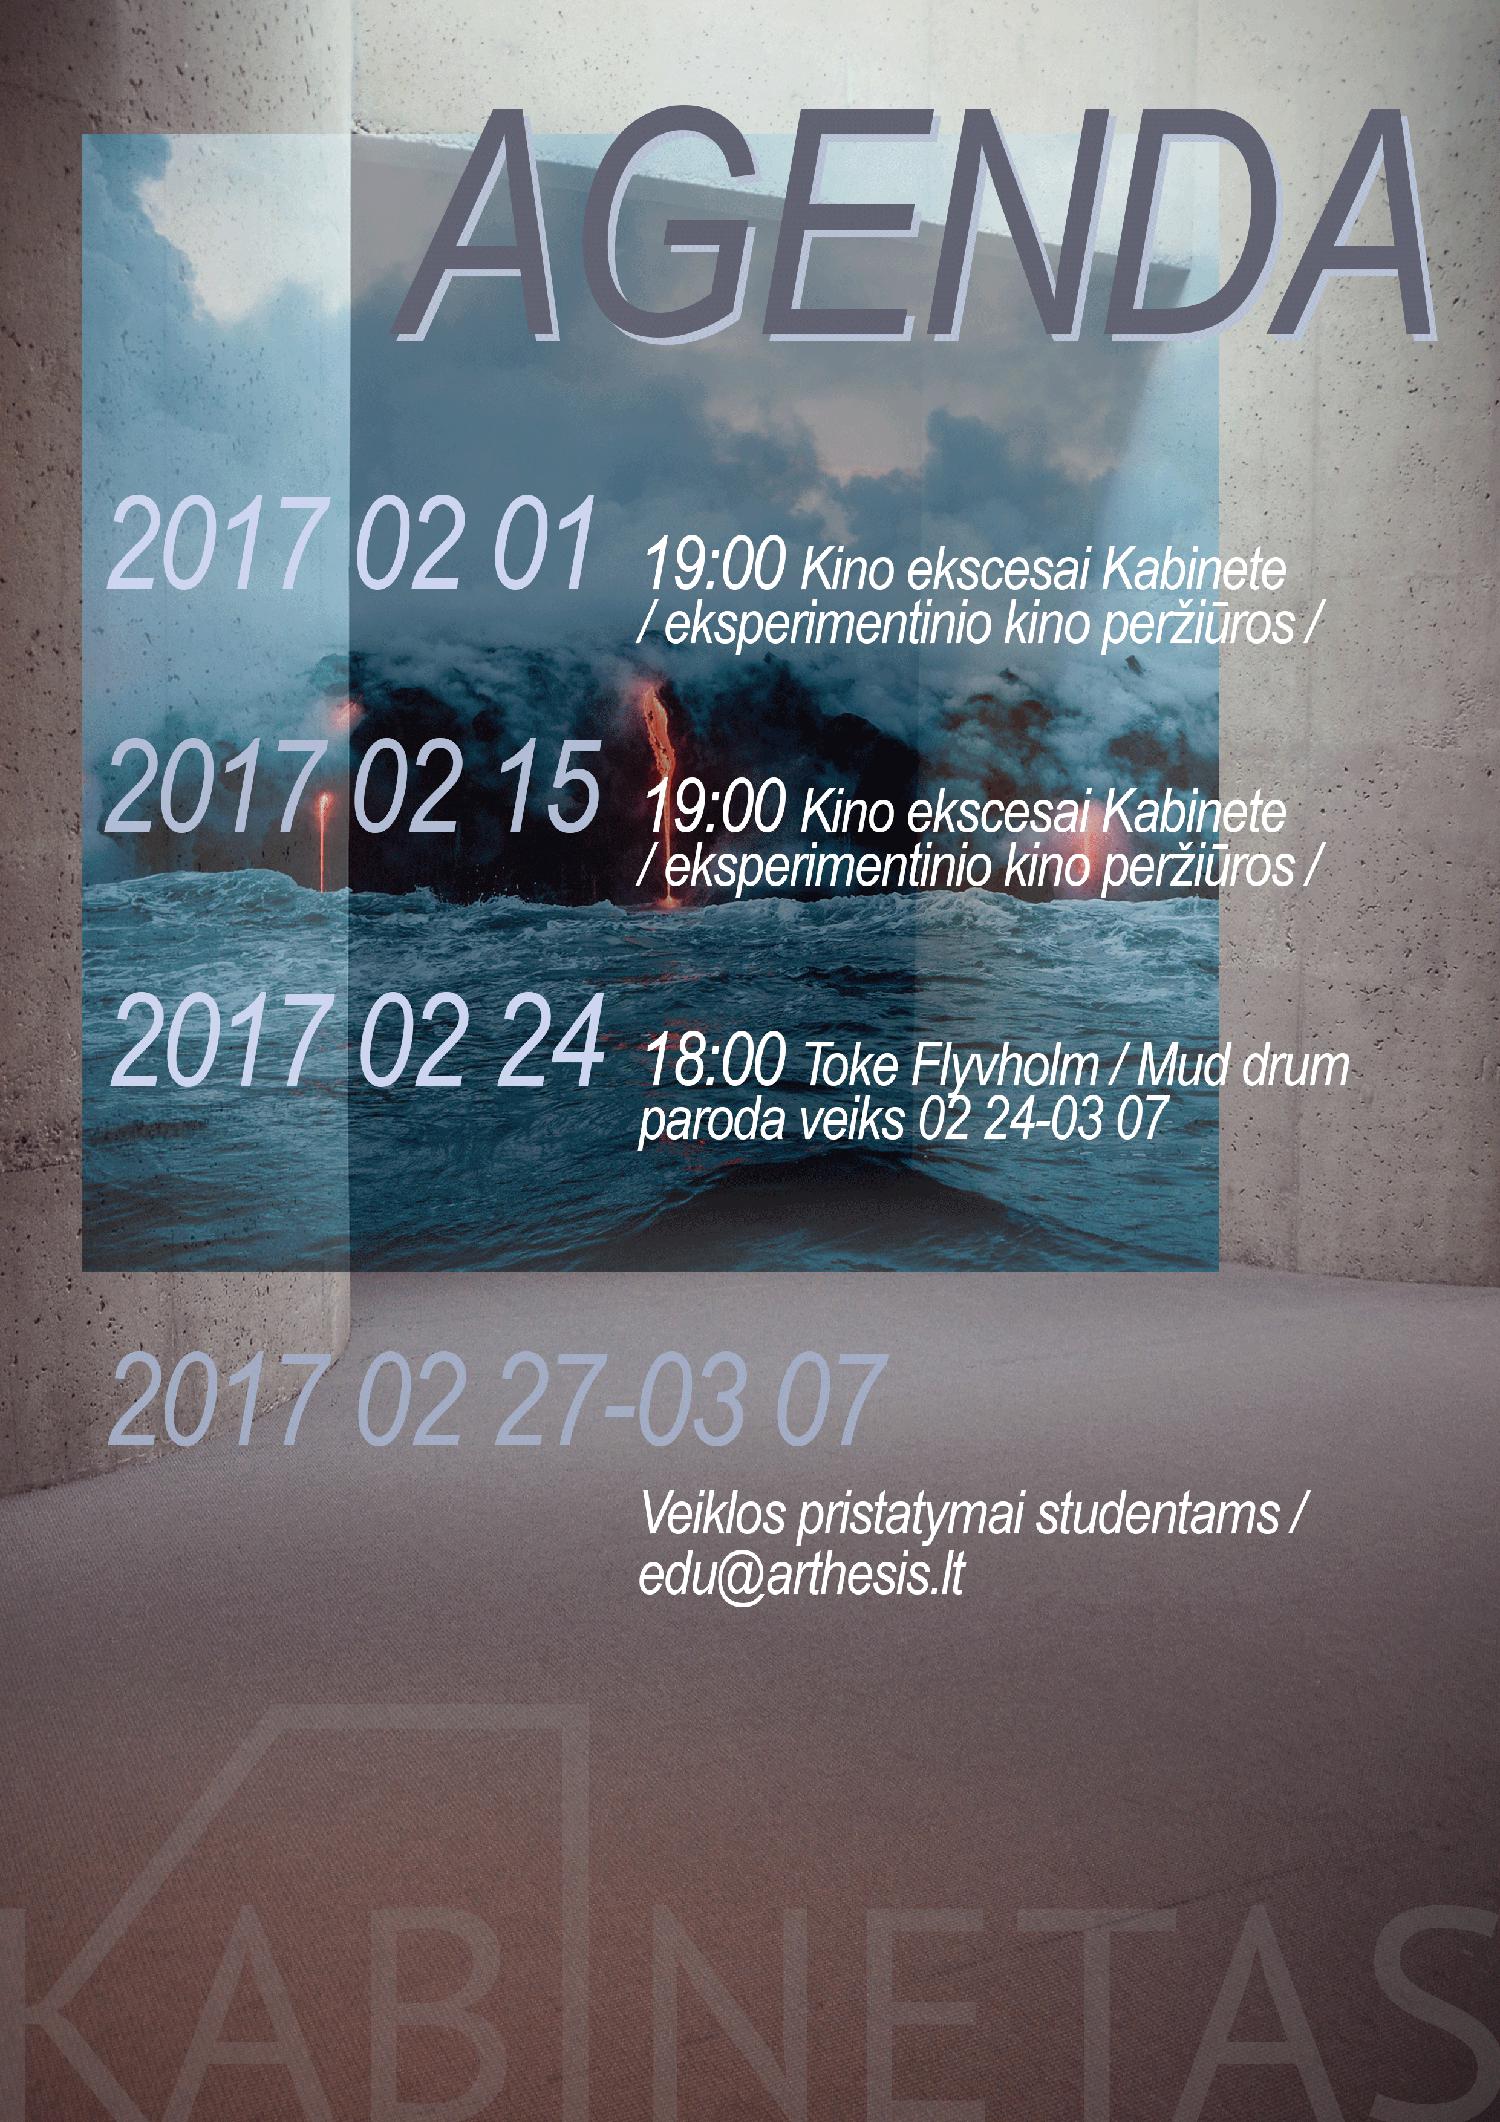 agenda-2017-02